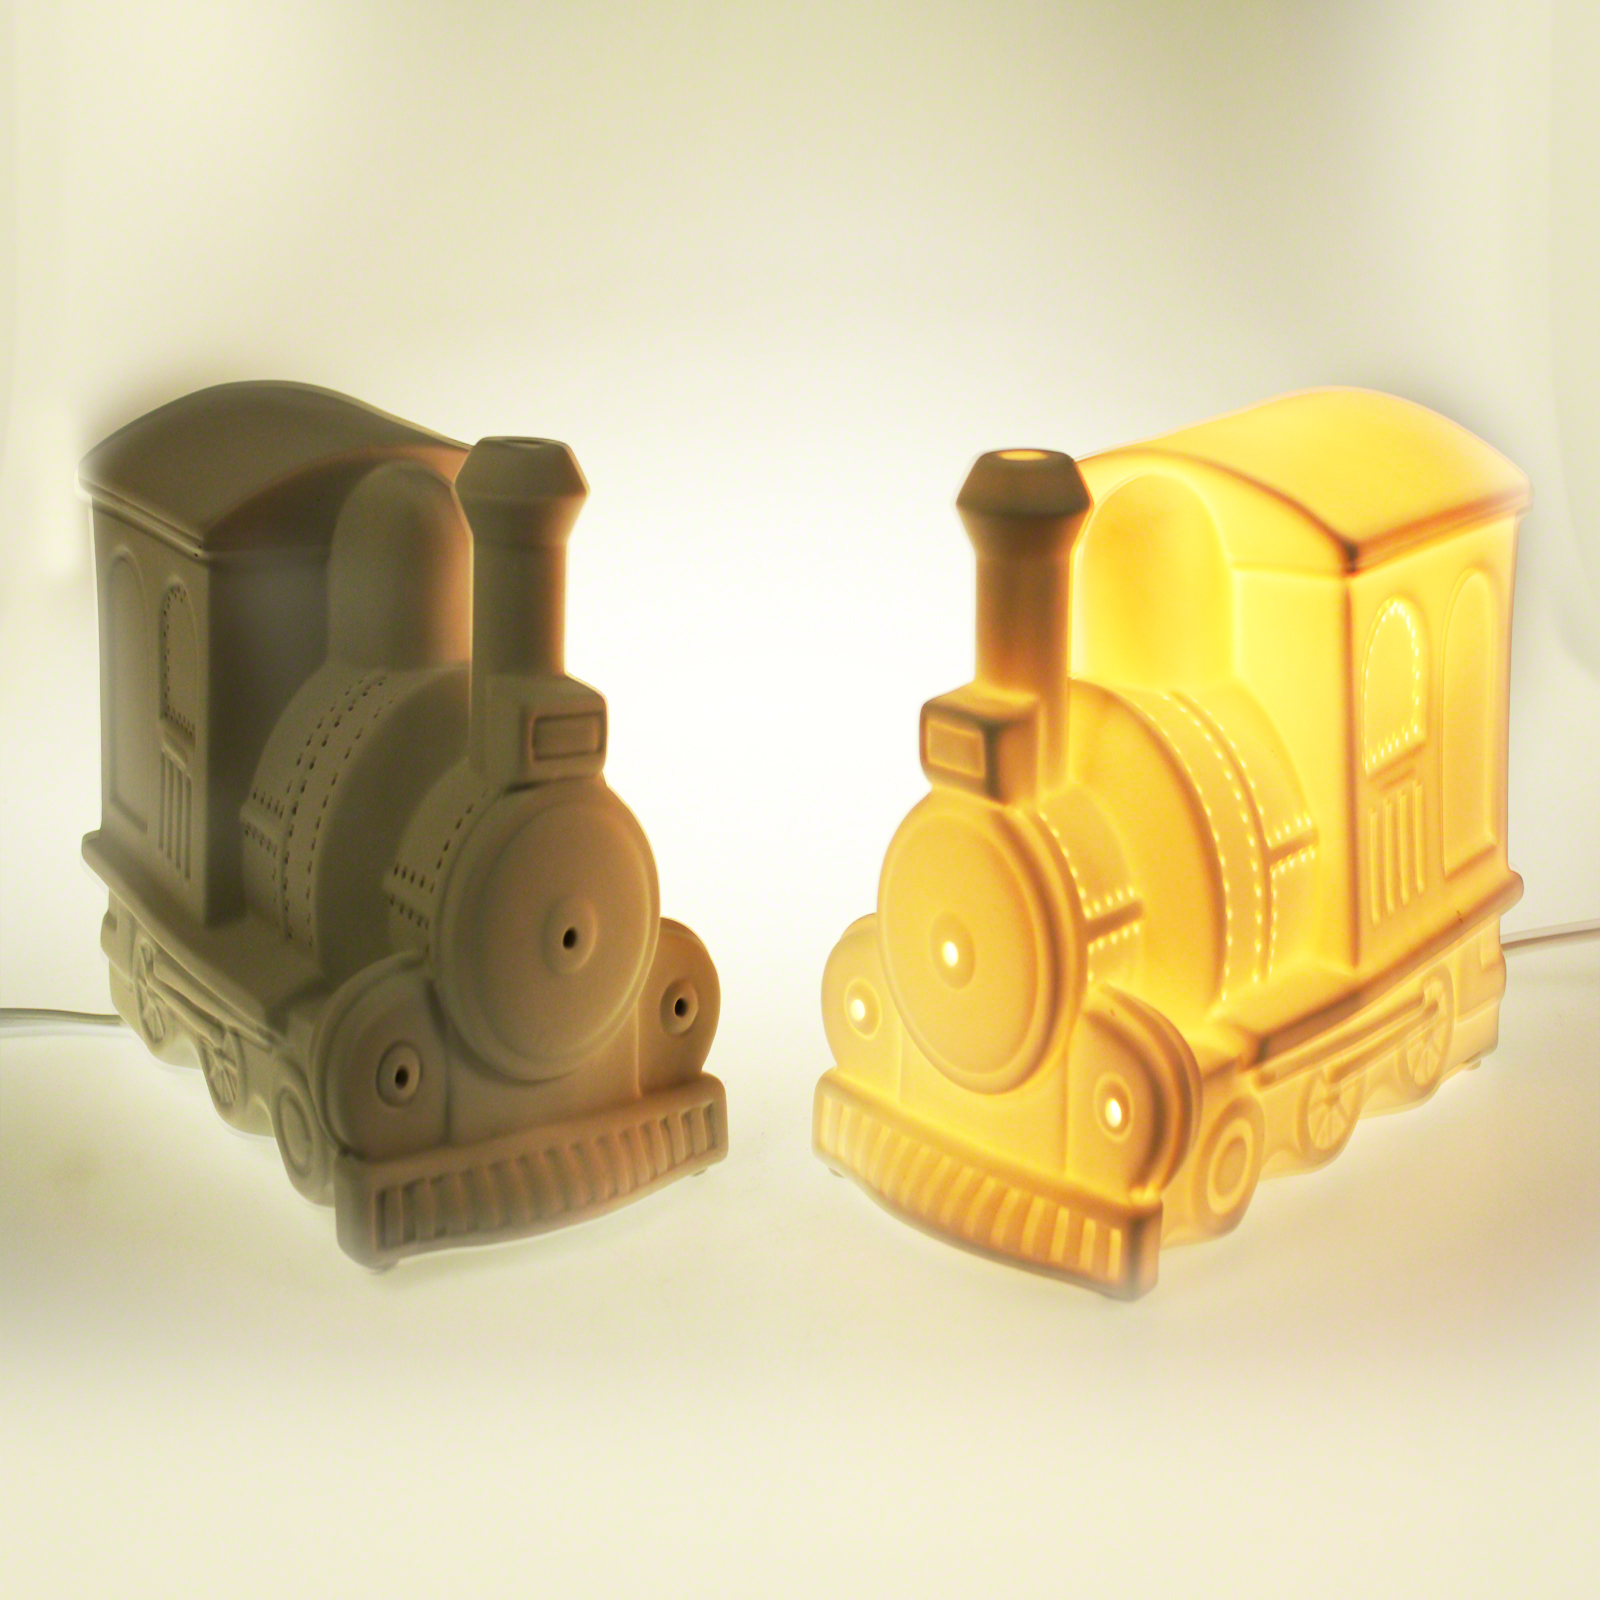 3d Ceramic Lamp Train